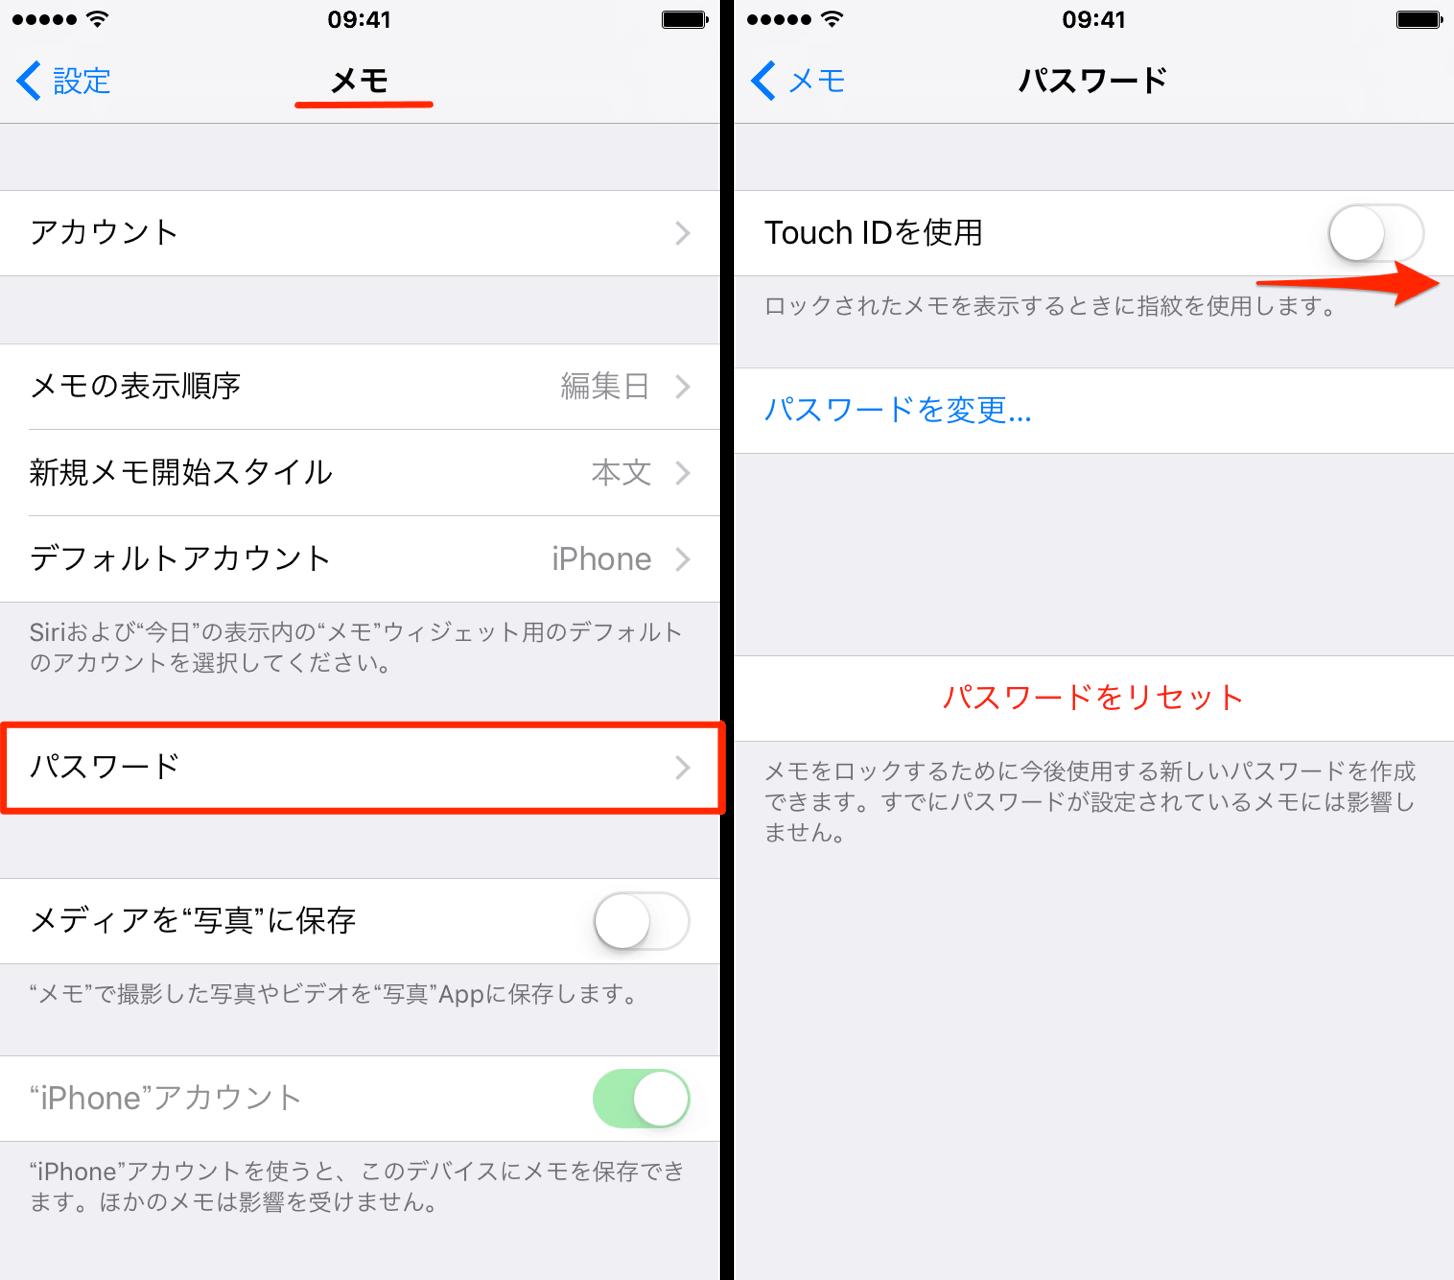 IPhone-メモ-touchidをオンに